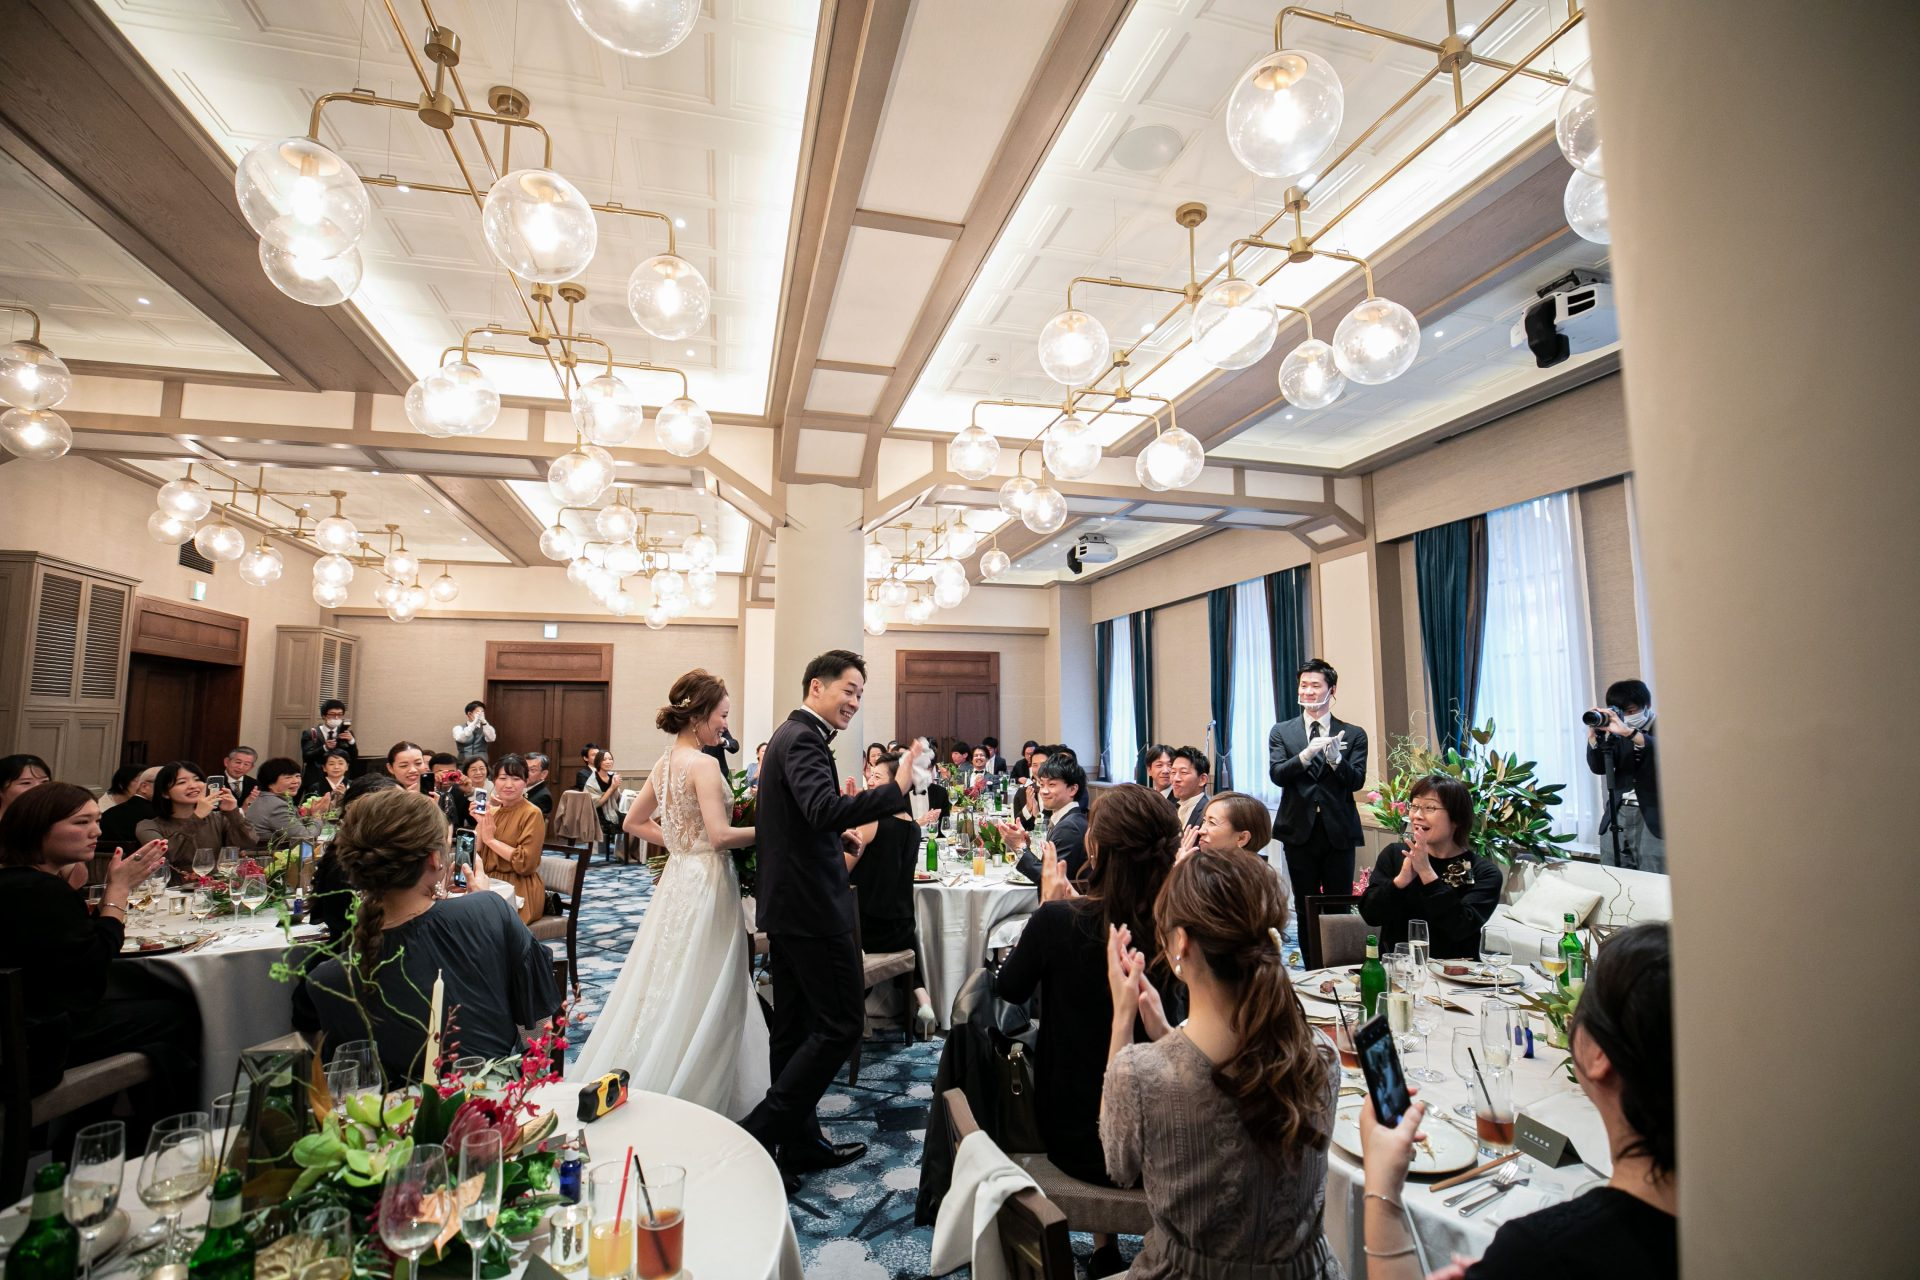 THE TREAT DRESSINGがザ・コンダーハウスでお式をされるご新婦様におすすめのリームアクラのウェディングドレス